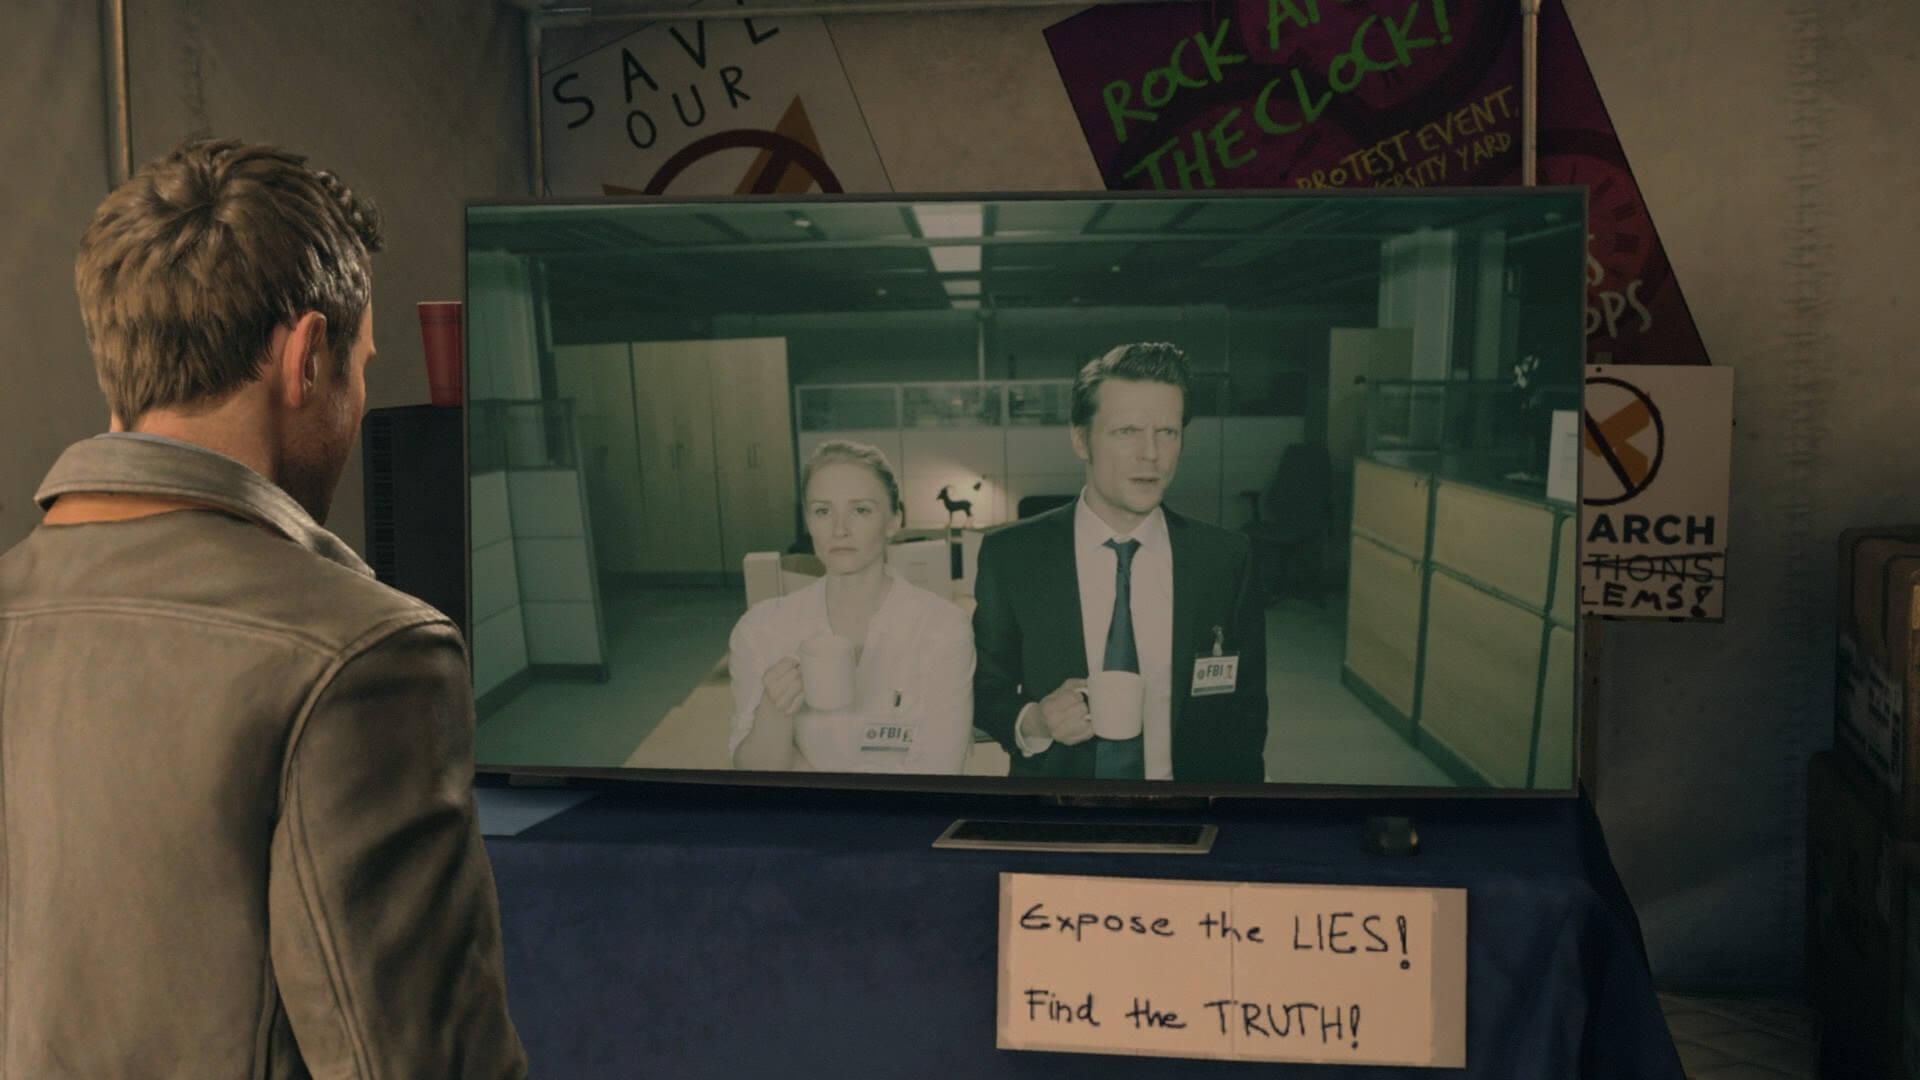 ゲーム内TV。Remedyお得意の独占な世界の構築に一役買っている。